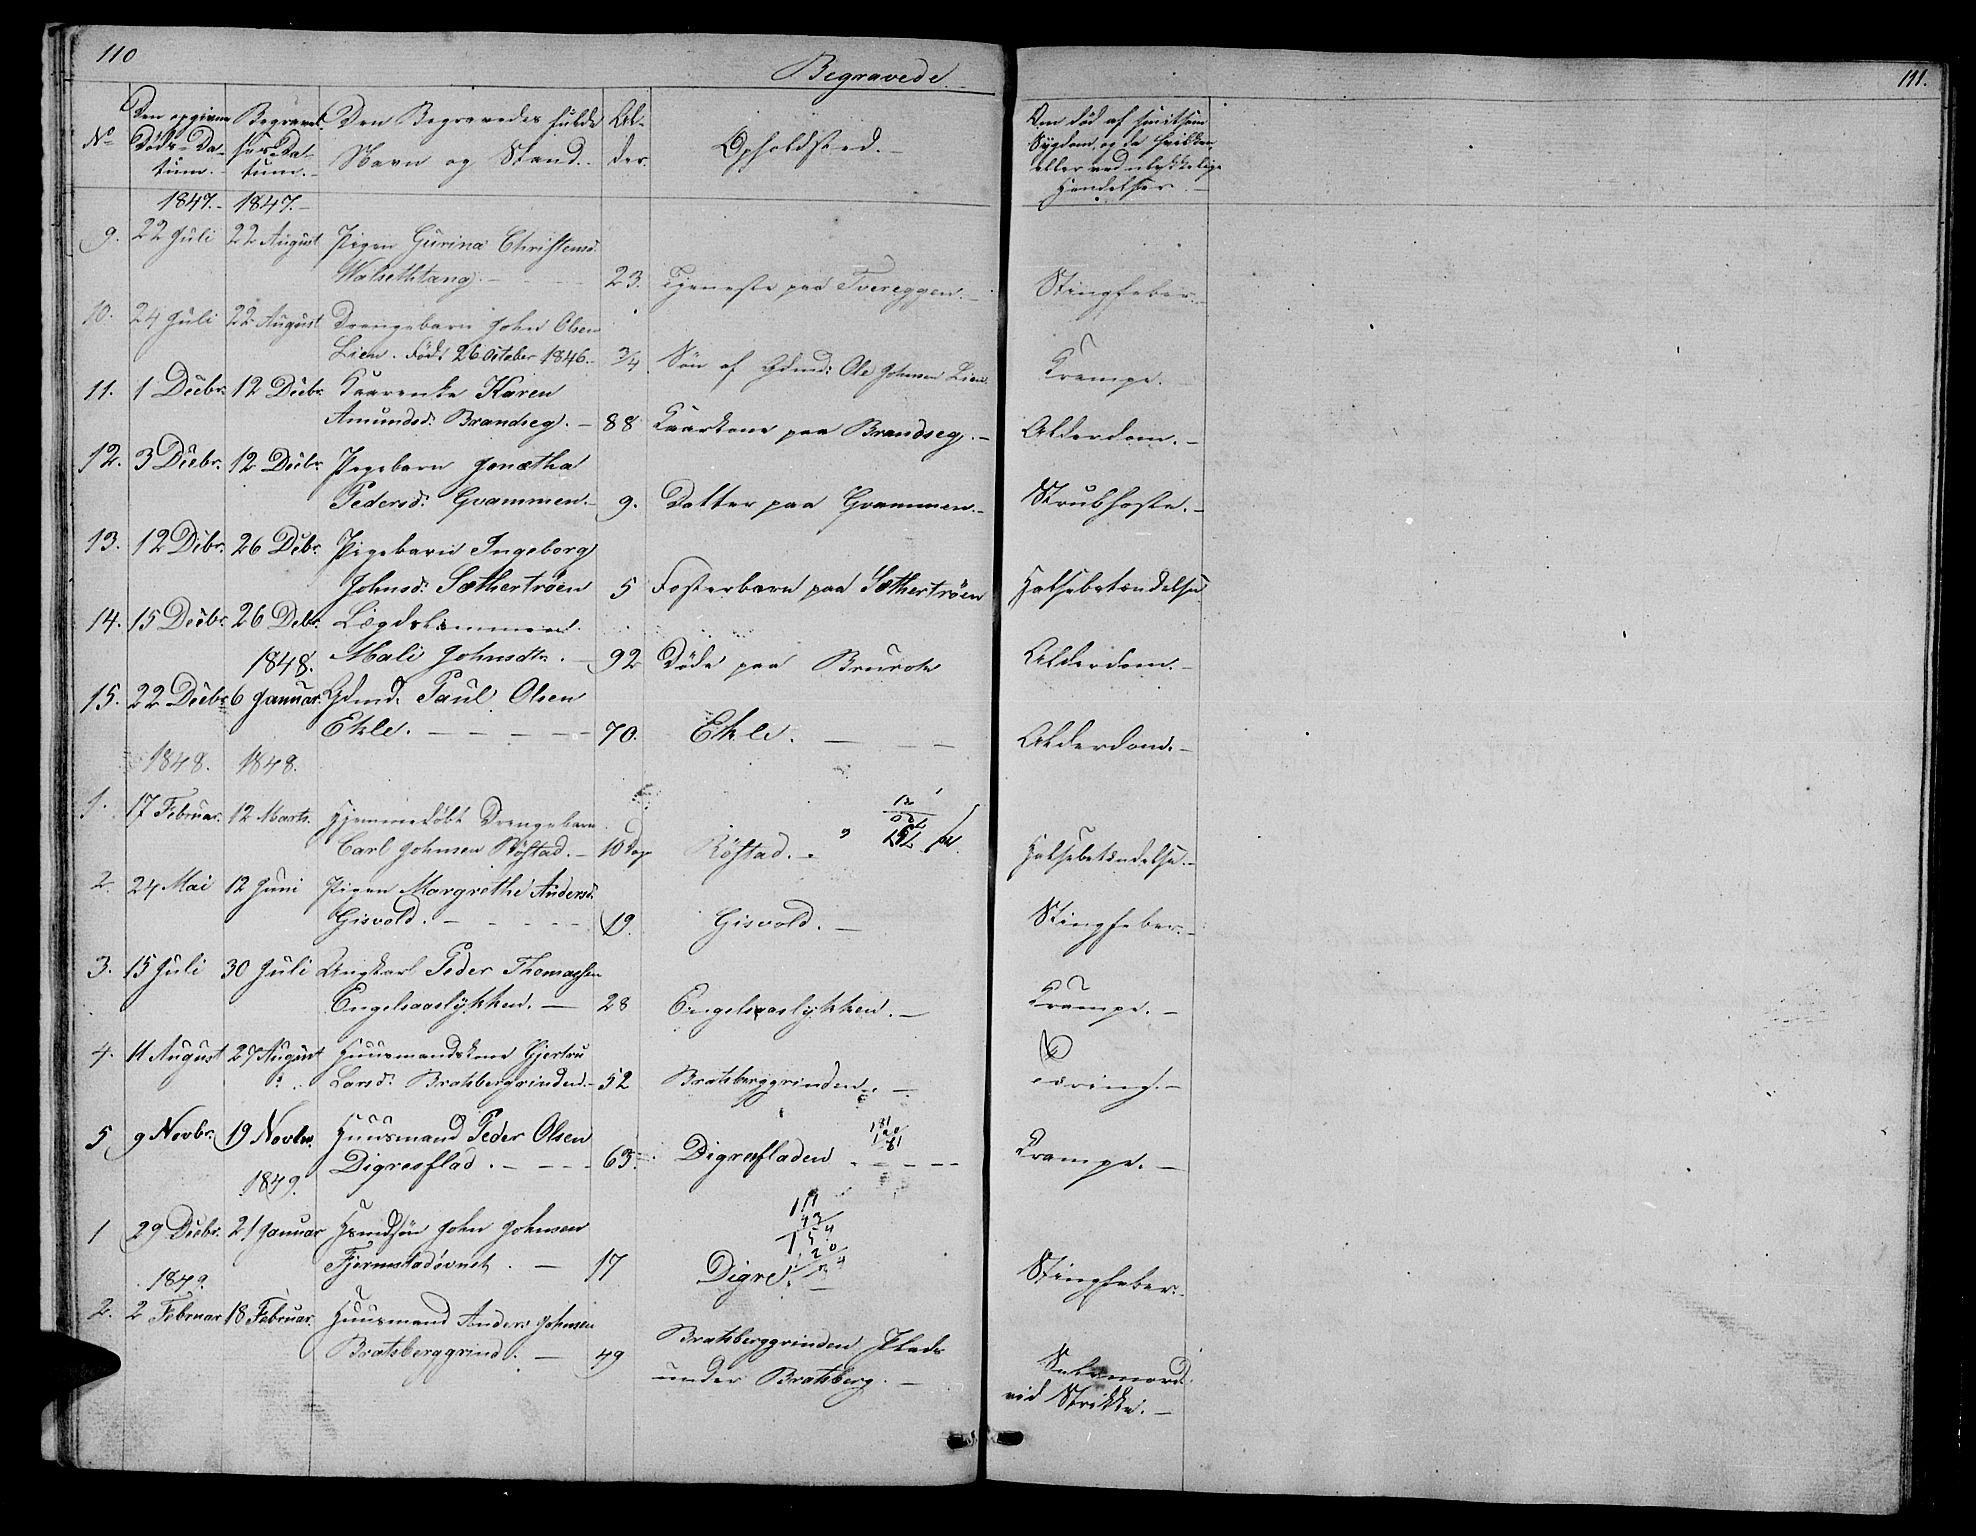 SAT, Ministerialprotokoller, klokkerbøker og fødselsregistre - Sør-Trøndelag, 608/L0339: Klokkerbok nr. 608C05, 1844-1863, s. 110-111